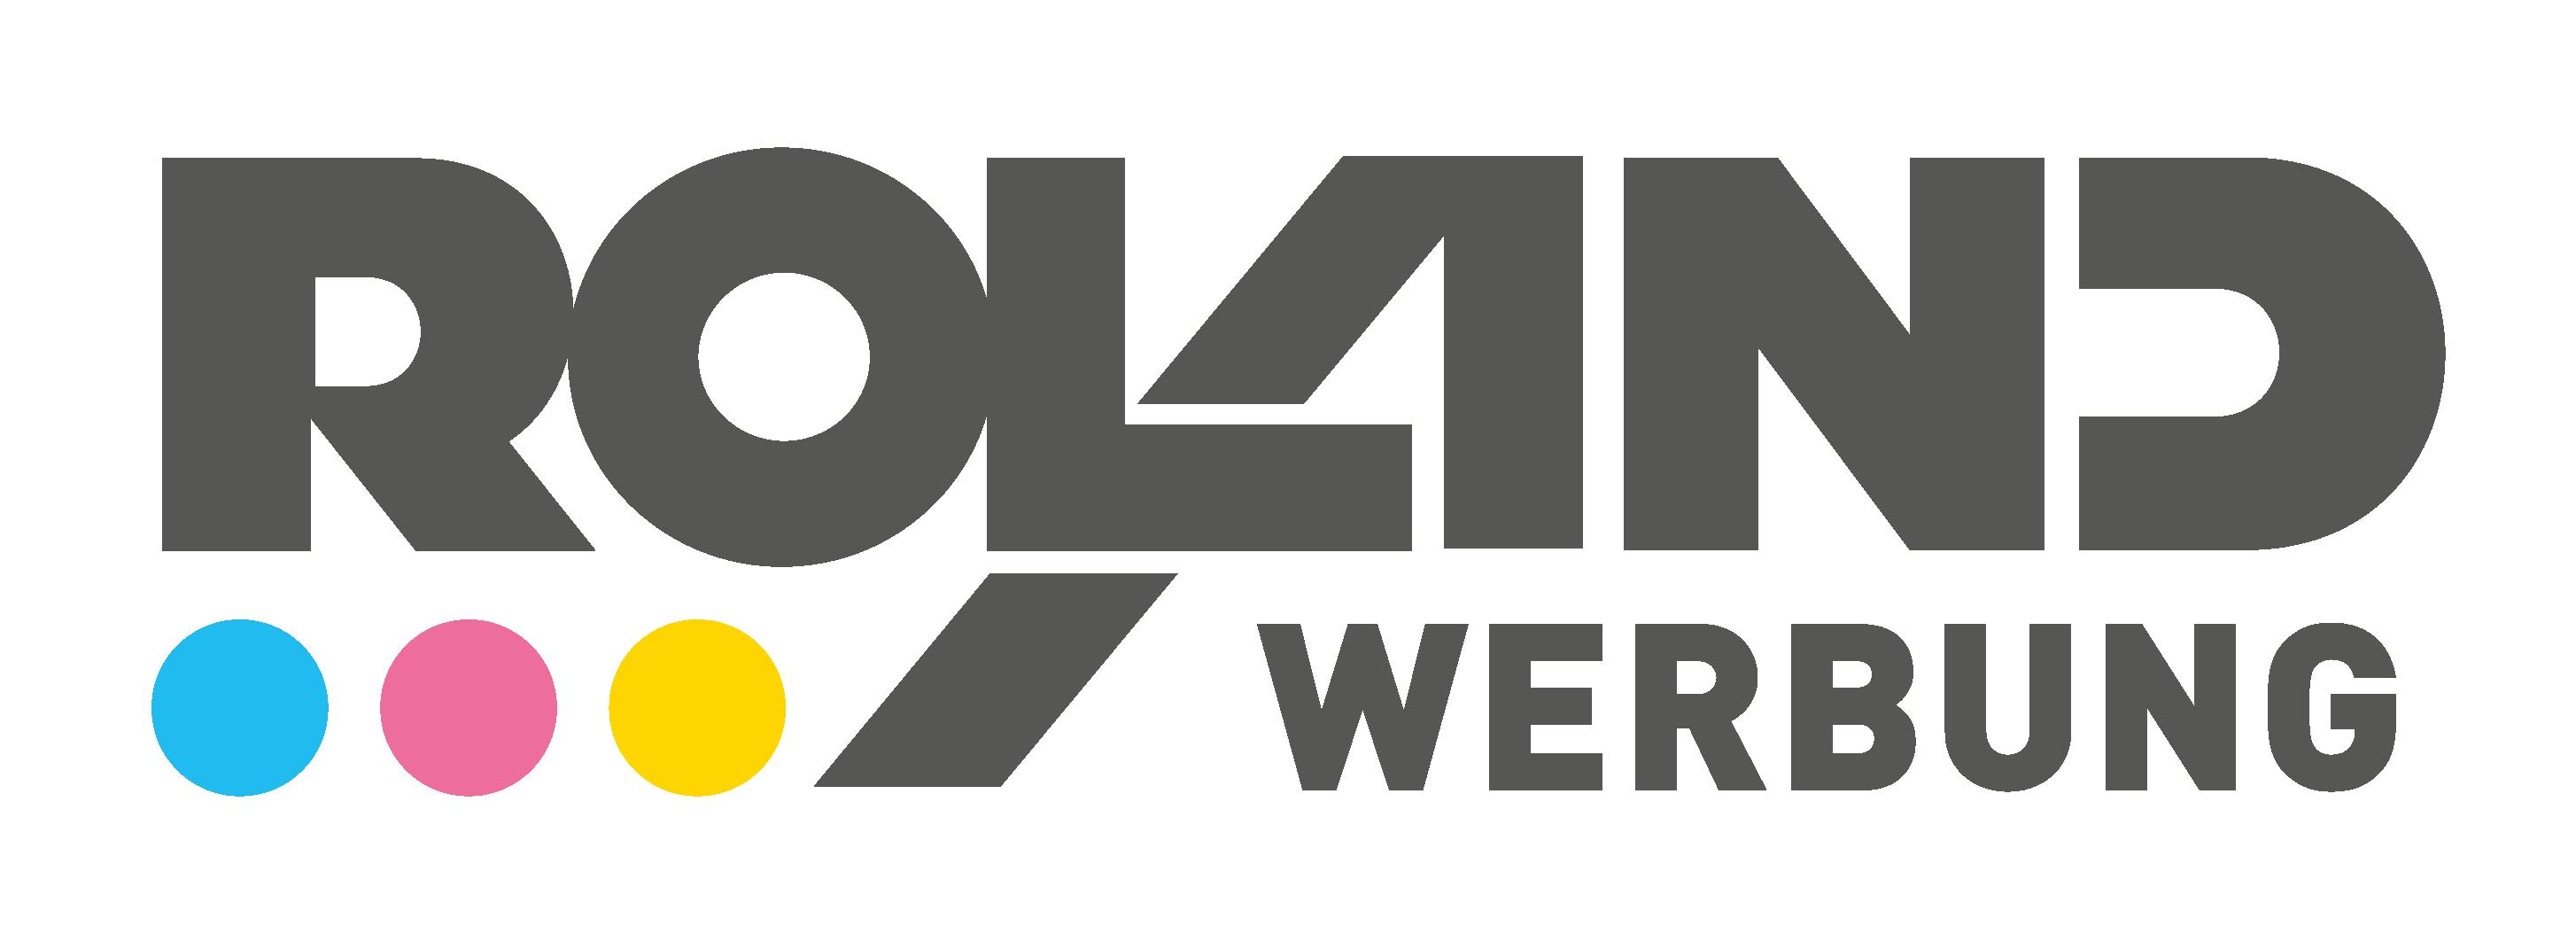 Roland Werbung Emsdetten